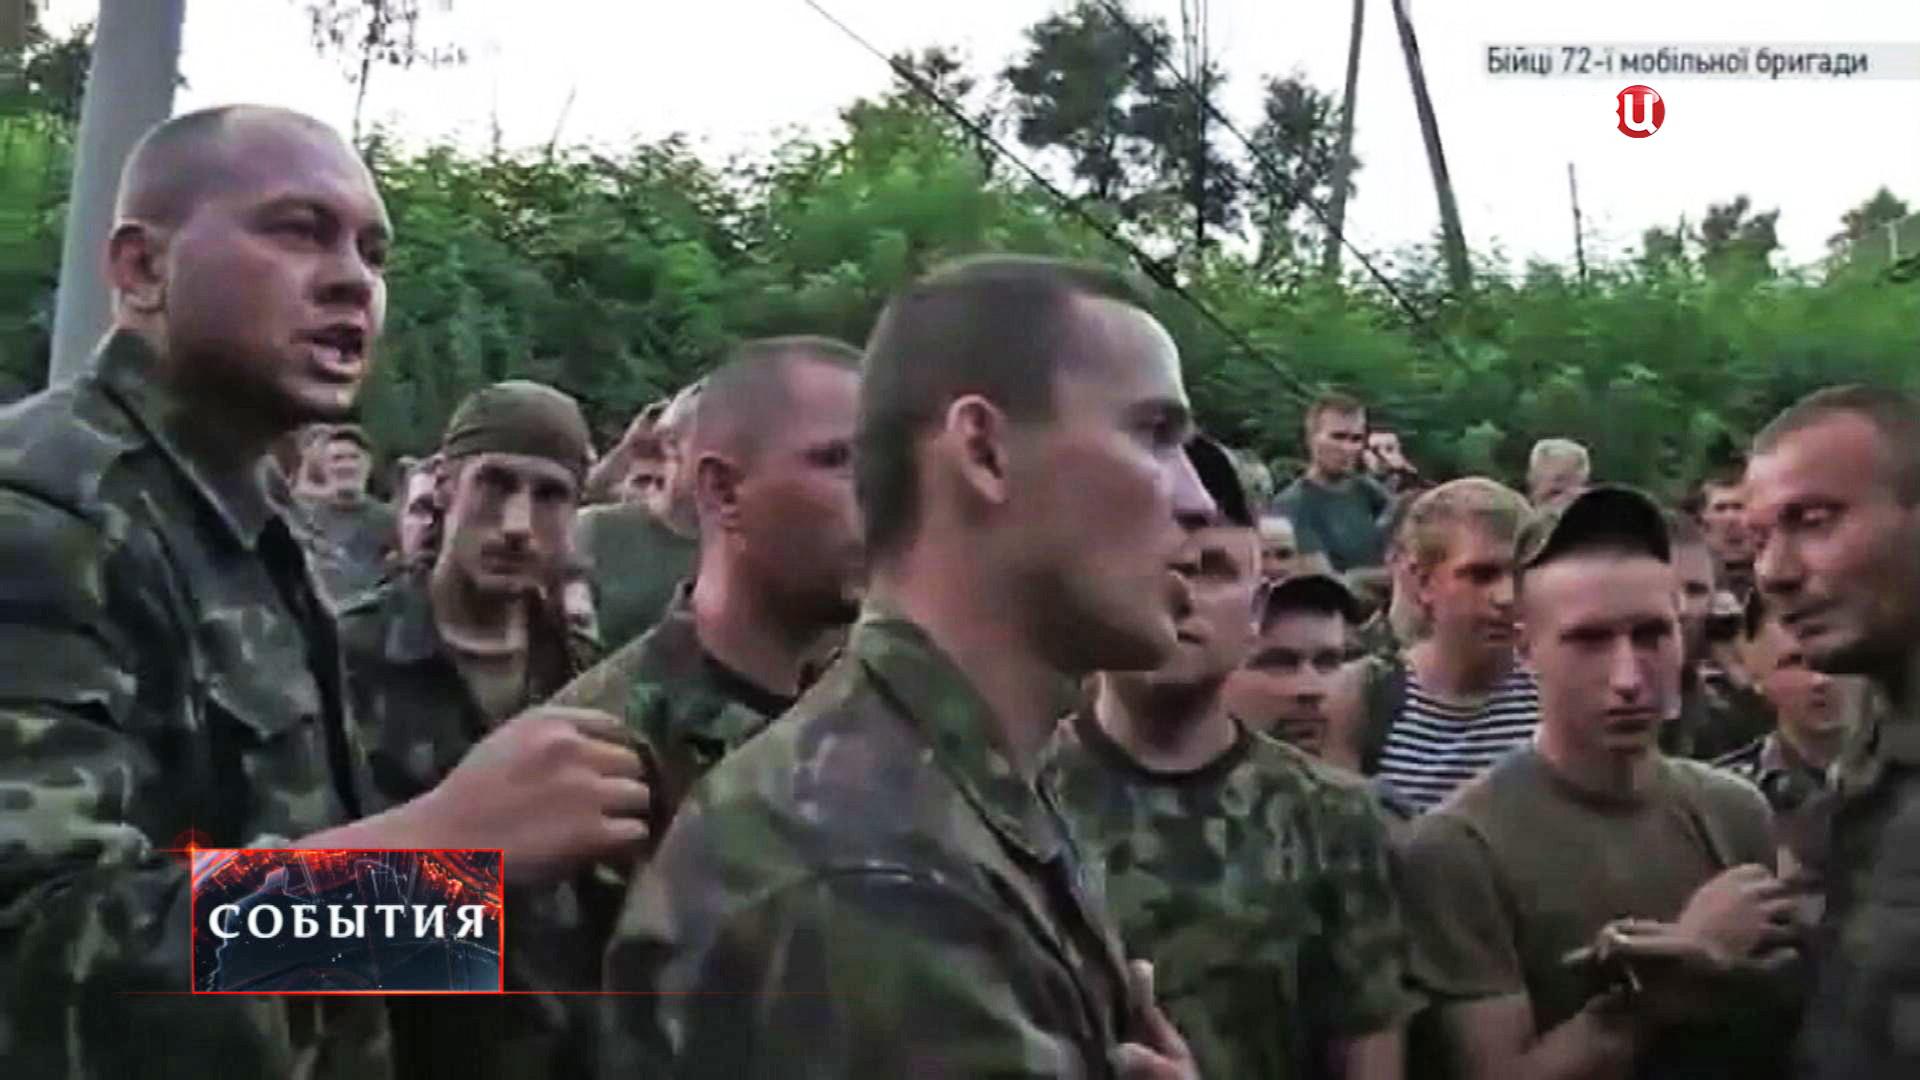 Украинские военнослужащие 72-й мобильной бригады